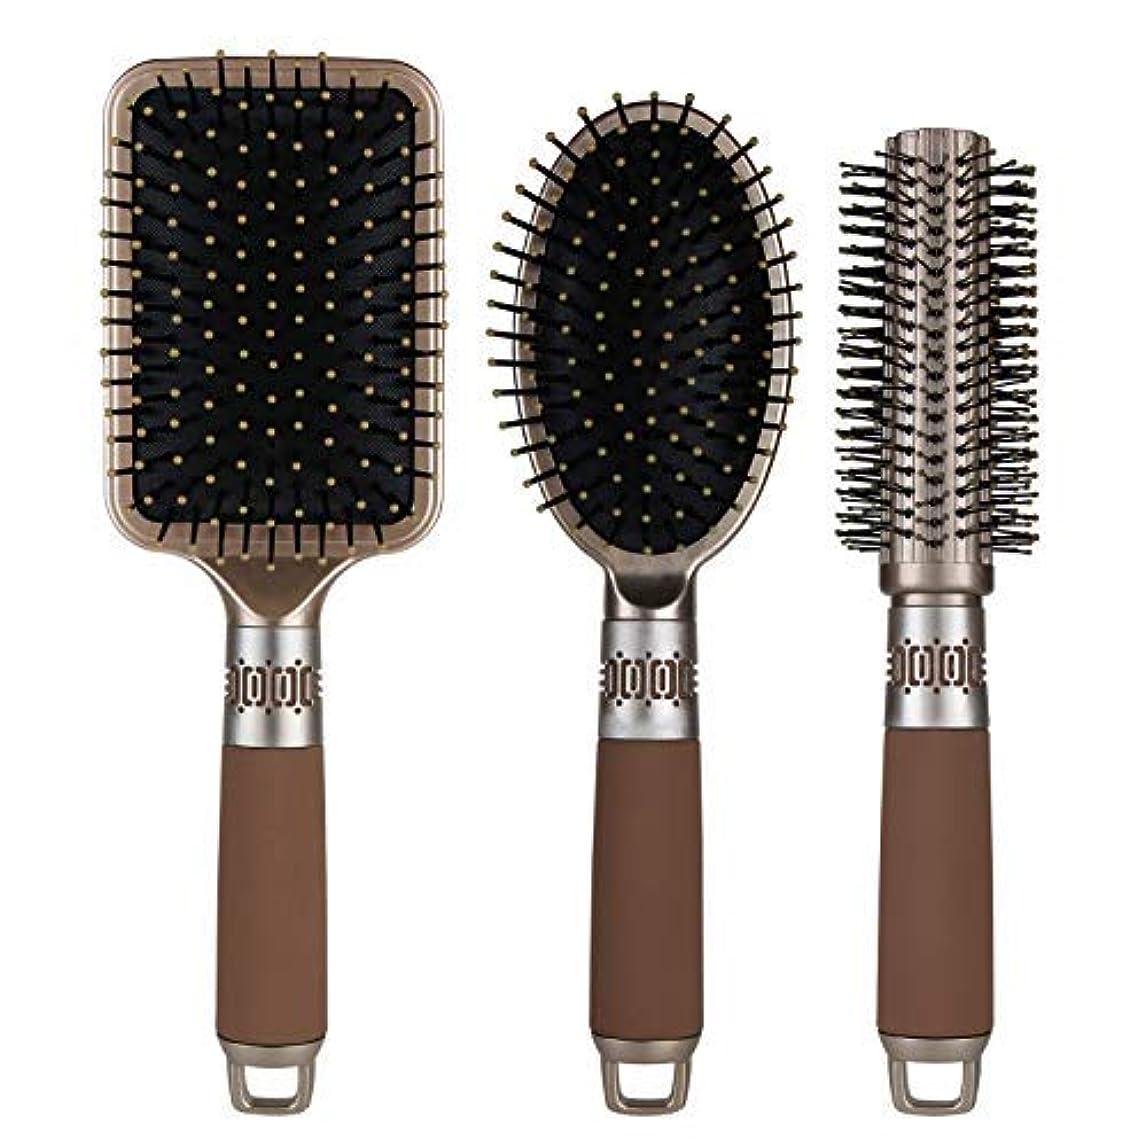 接尾辞価値面積NVTED 3PCS Hair Combs, Massage Paddle Round Brush Hair Brushes Set Anti Static Detangling Air Cushion Bristle Combs Hairbrush Designed for Women& Men,for Wet, Dry, Thick, Thin, Curly hair [並行輸入品]